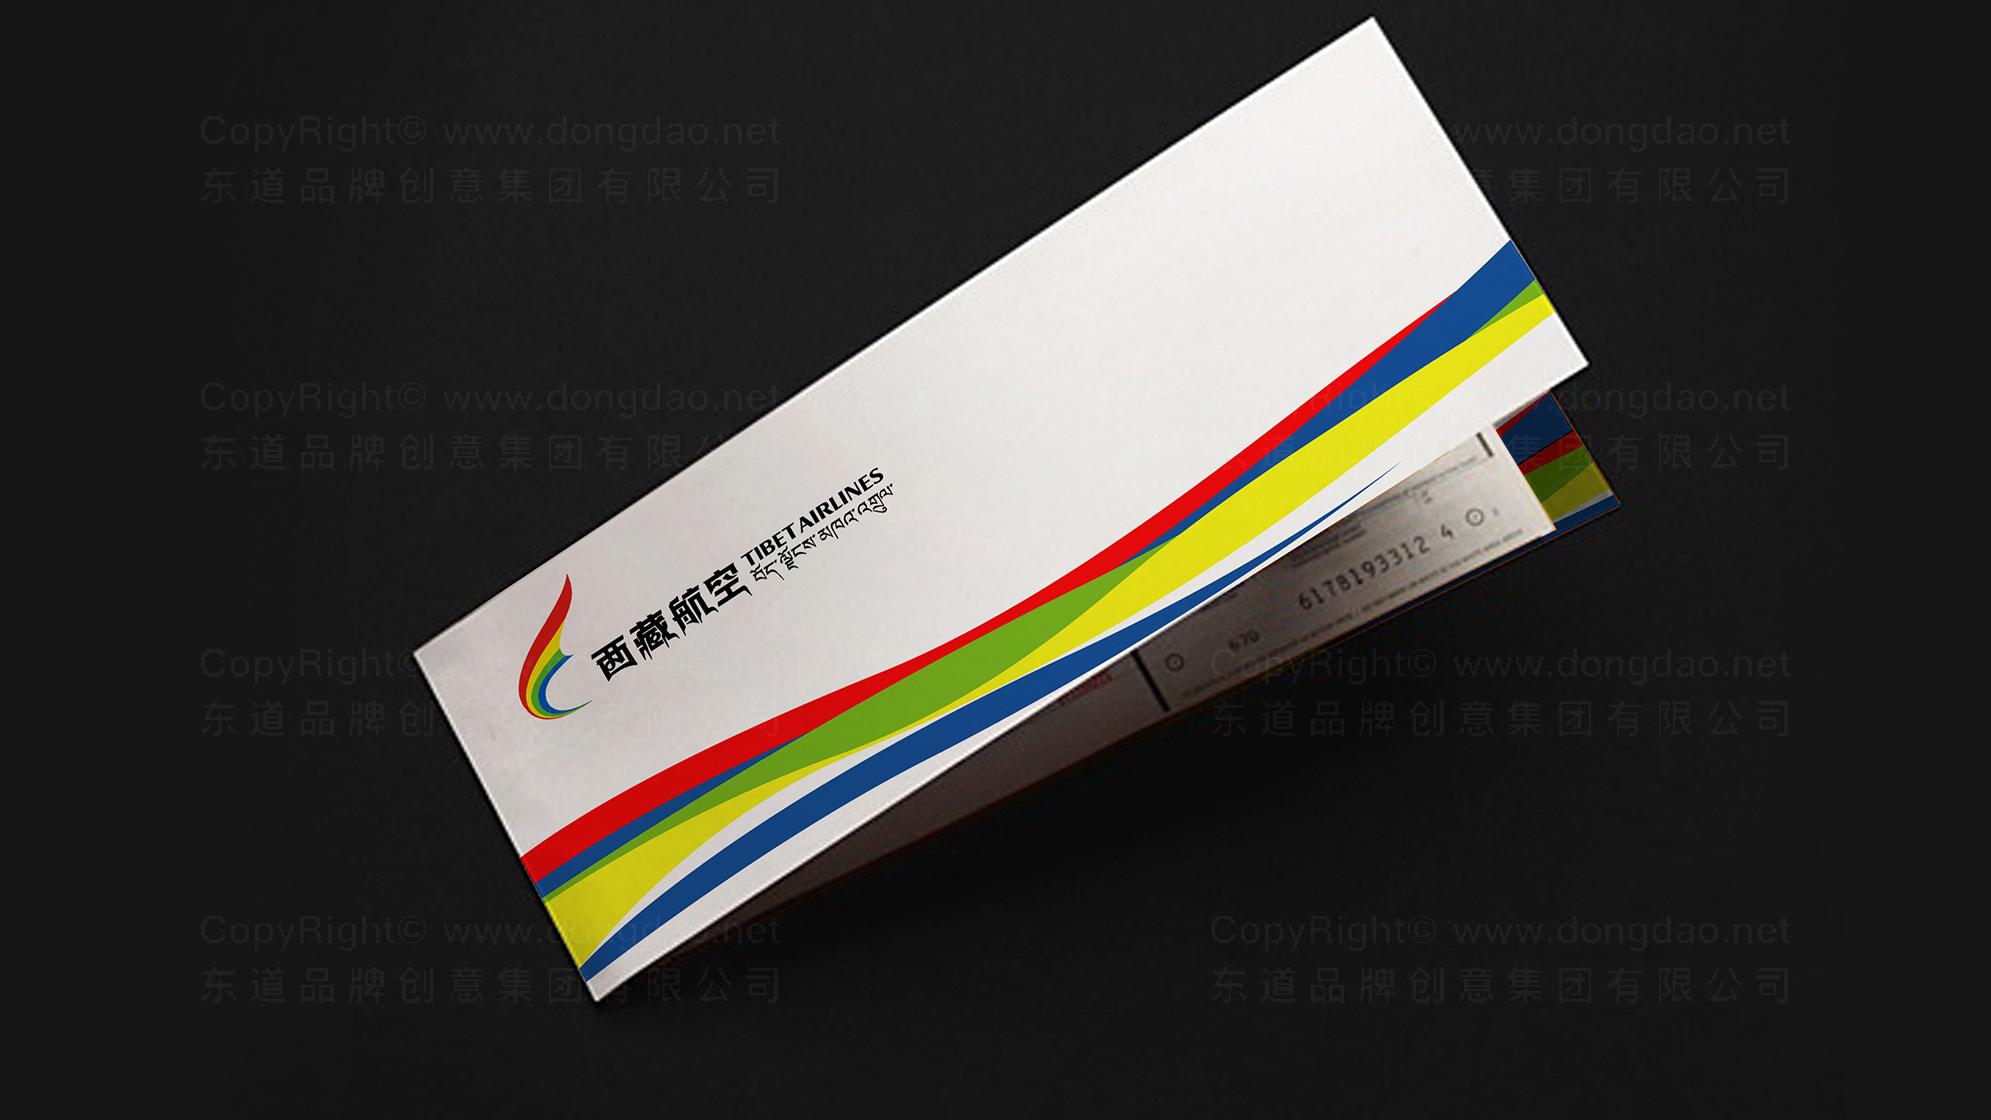 品牌设计西藏航空LOGO&VI设计应用